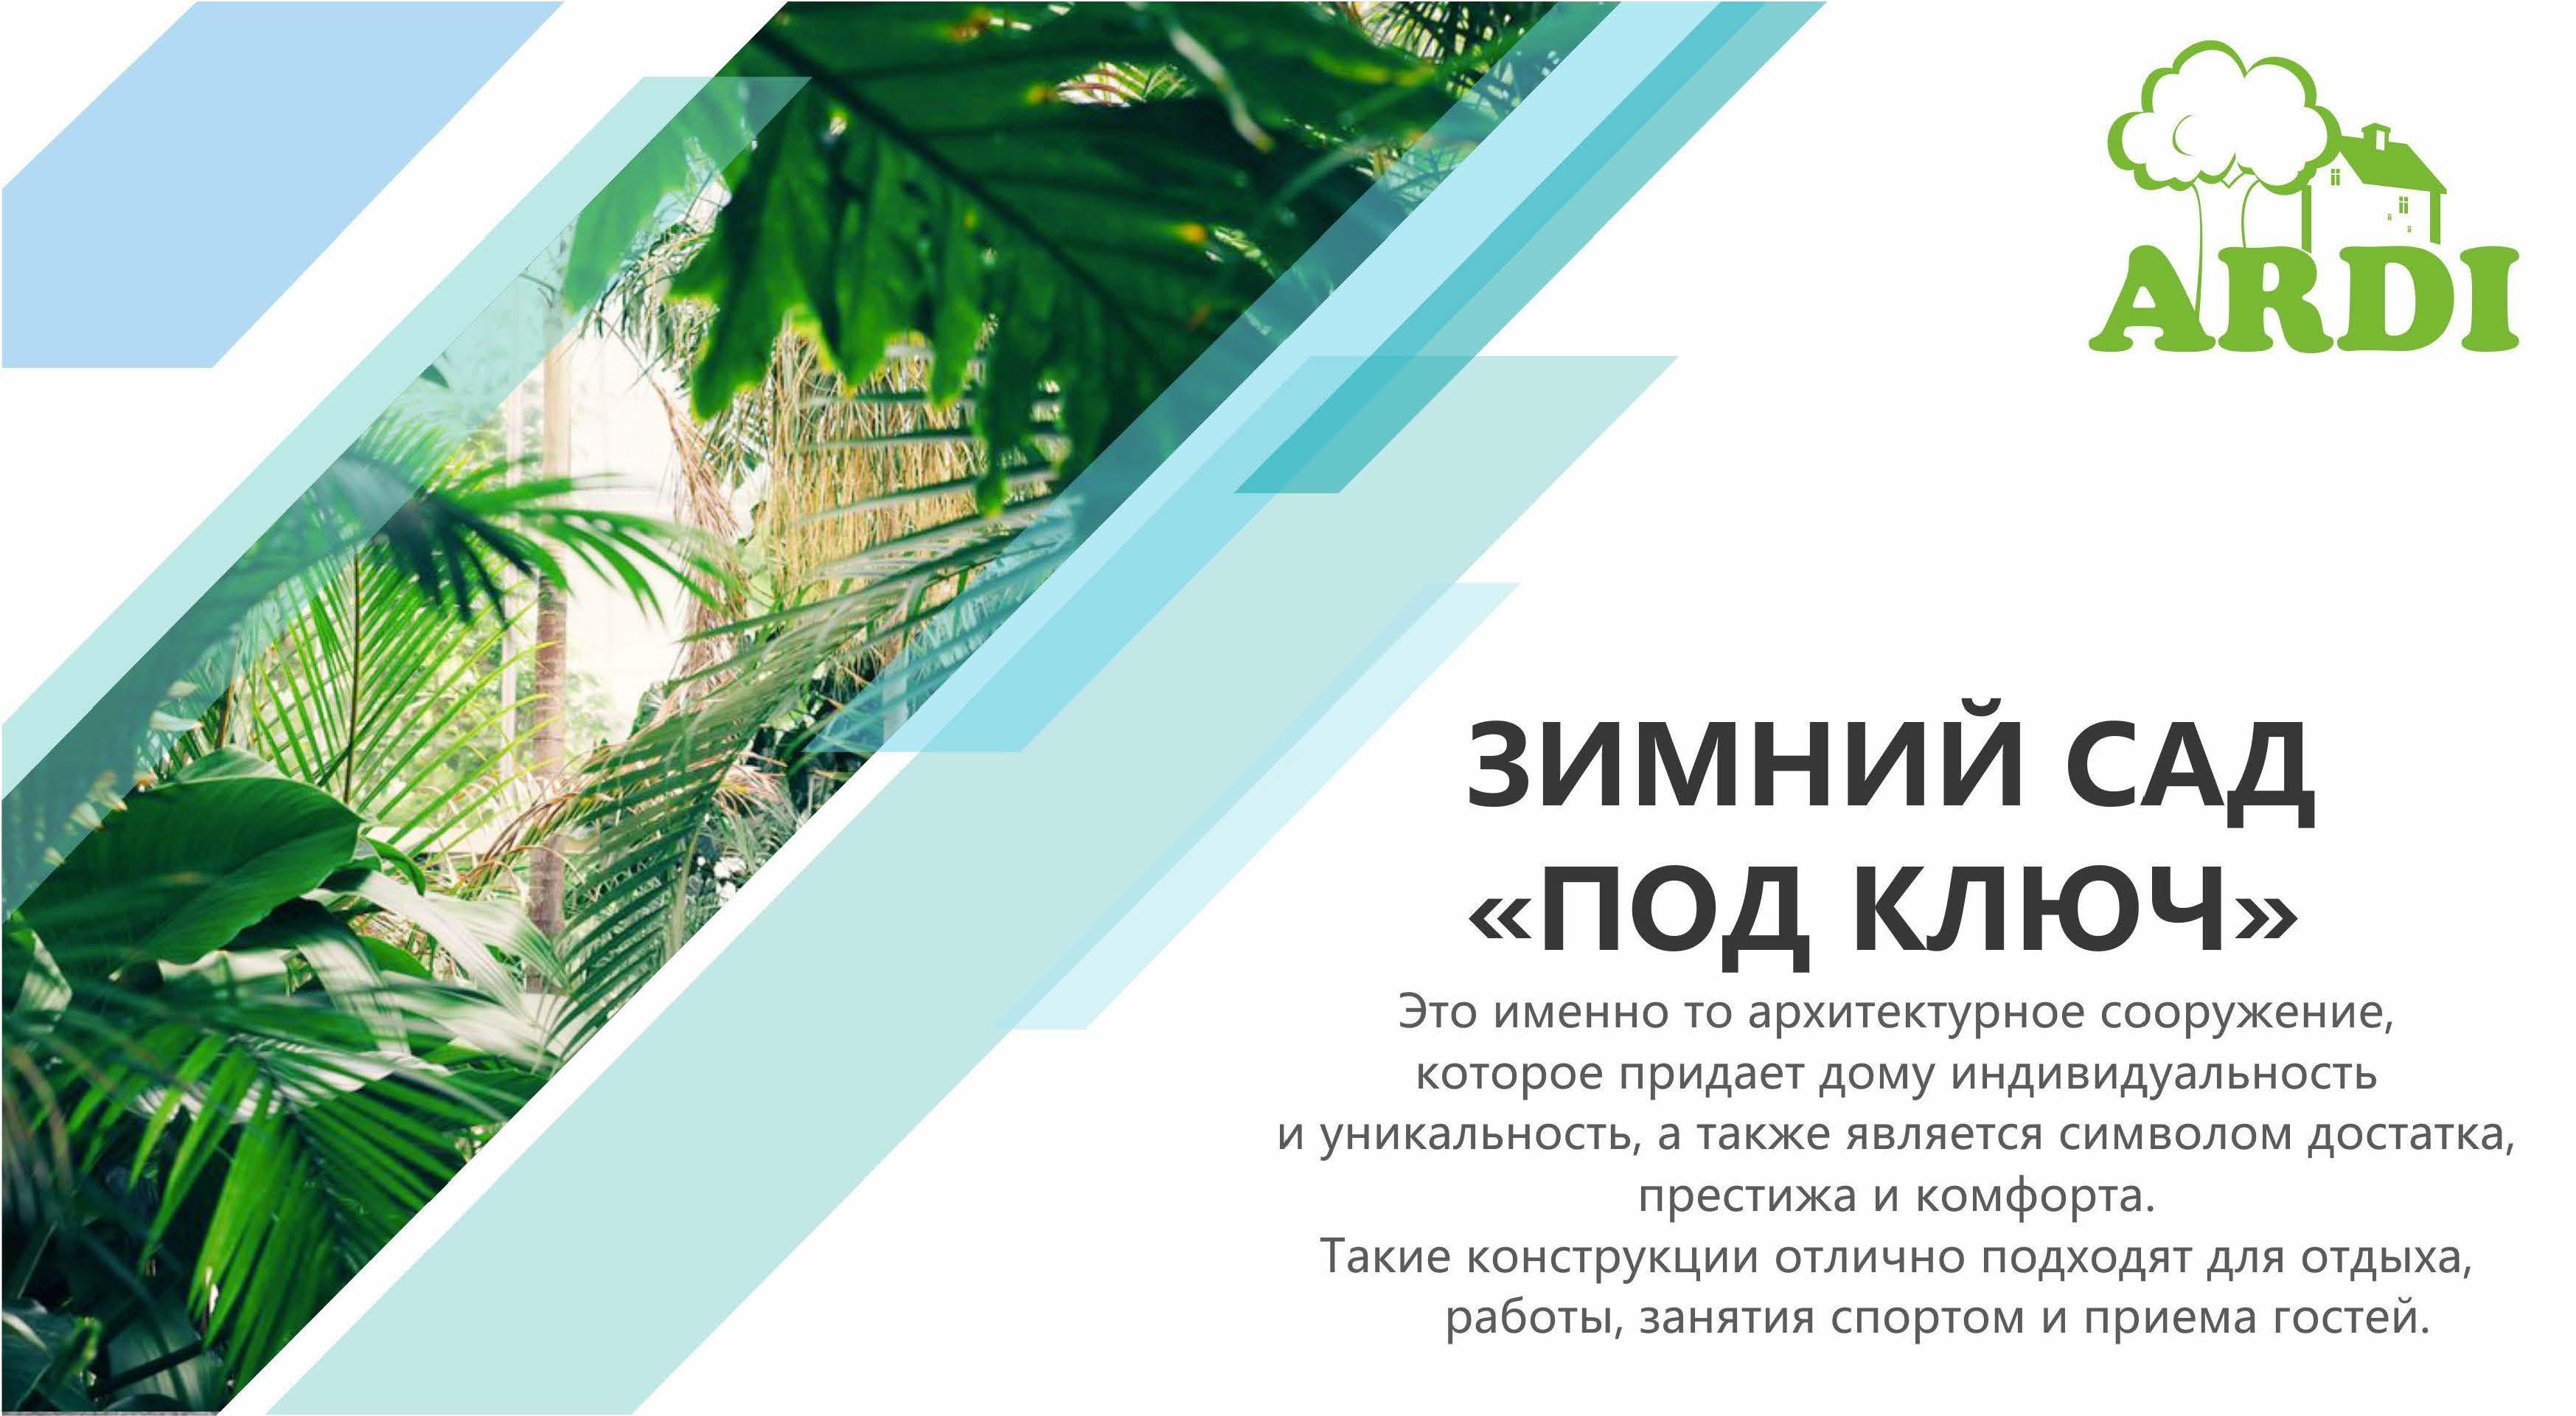 Зимний сад под ключ_Страница_01